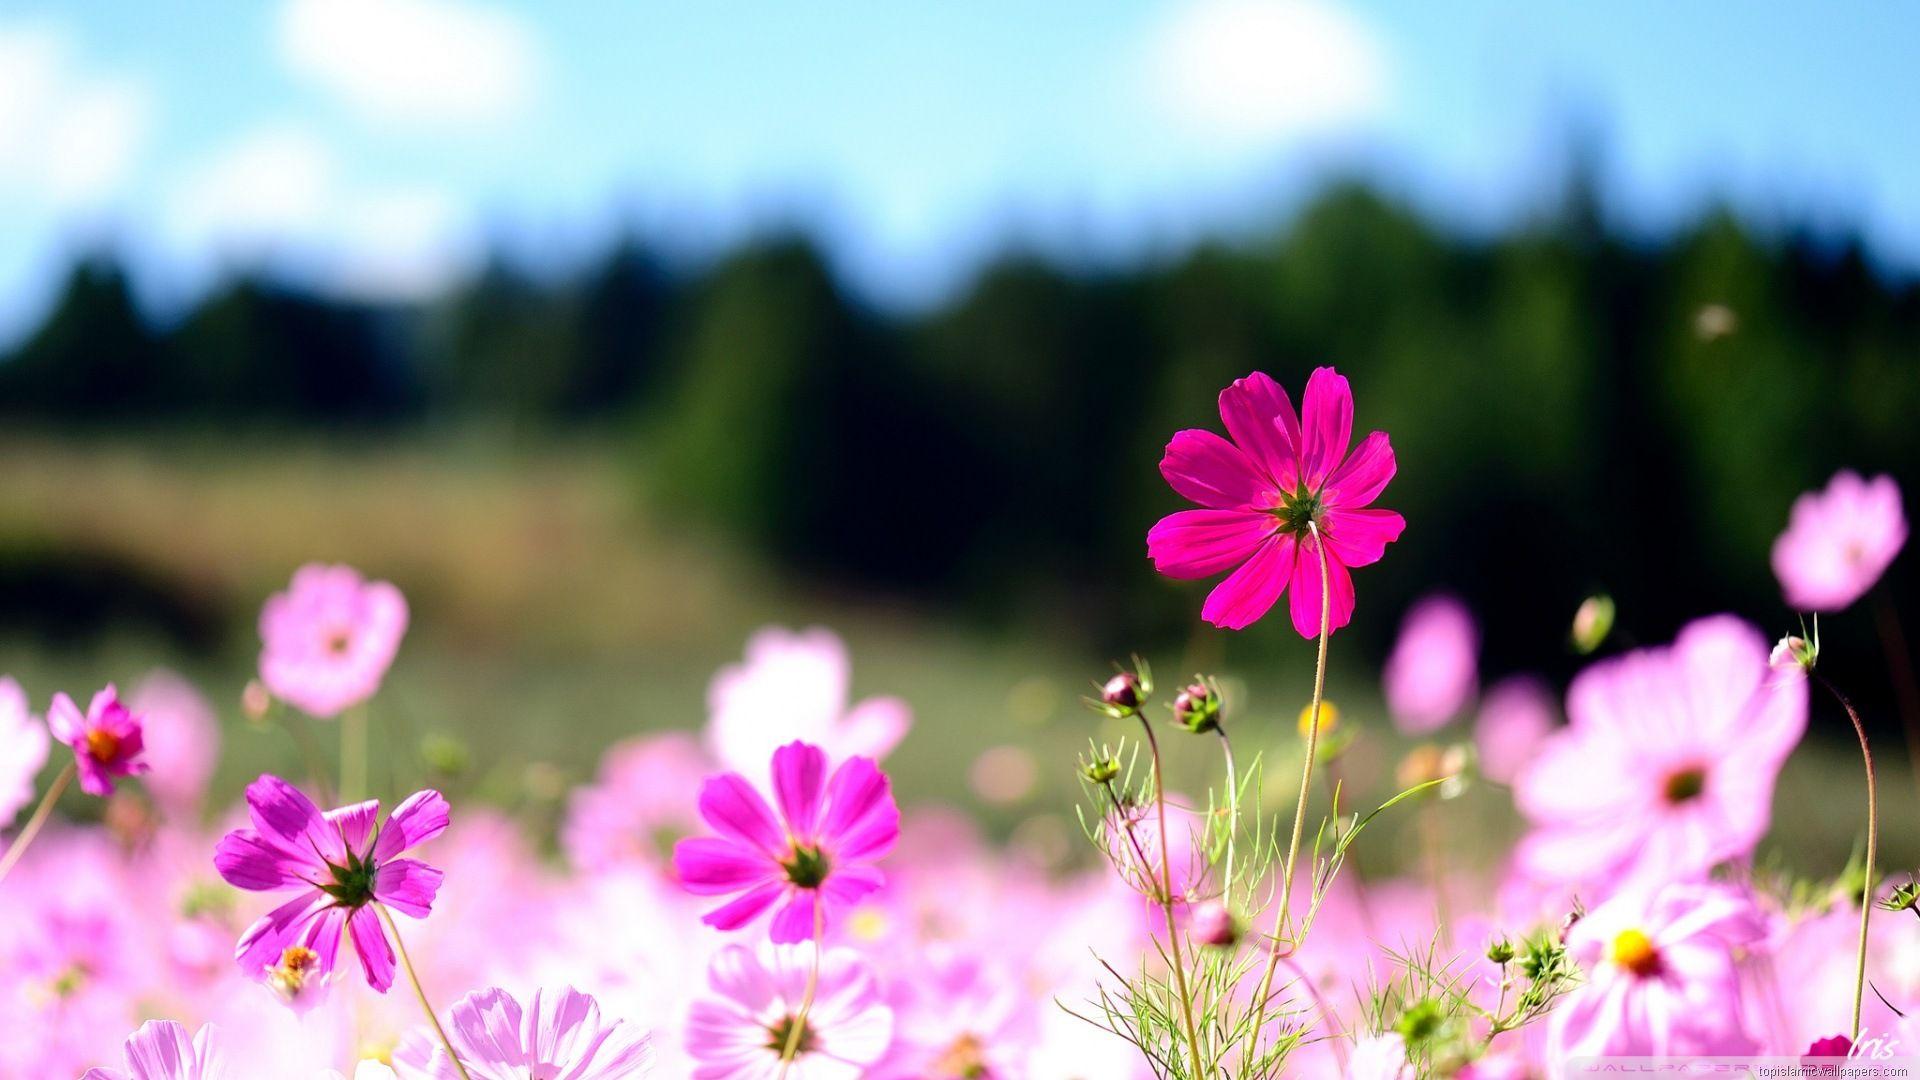 Flowers Images Large Hd Wallpaper Database Fotos De Portada De